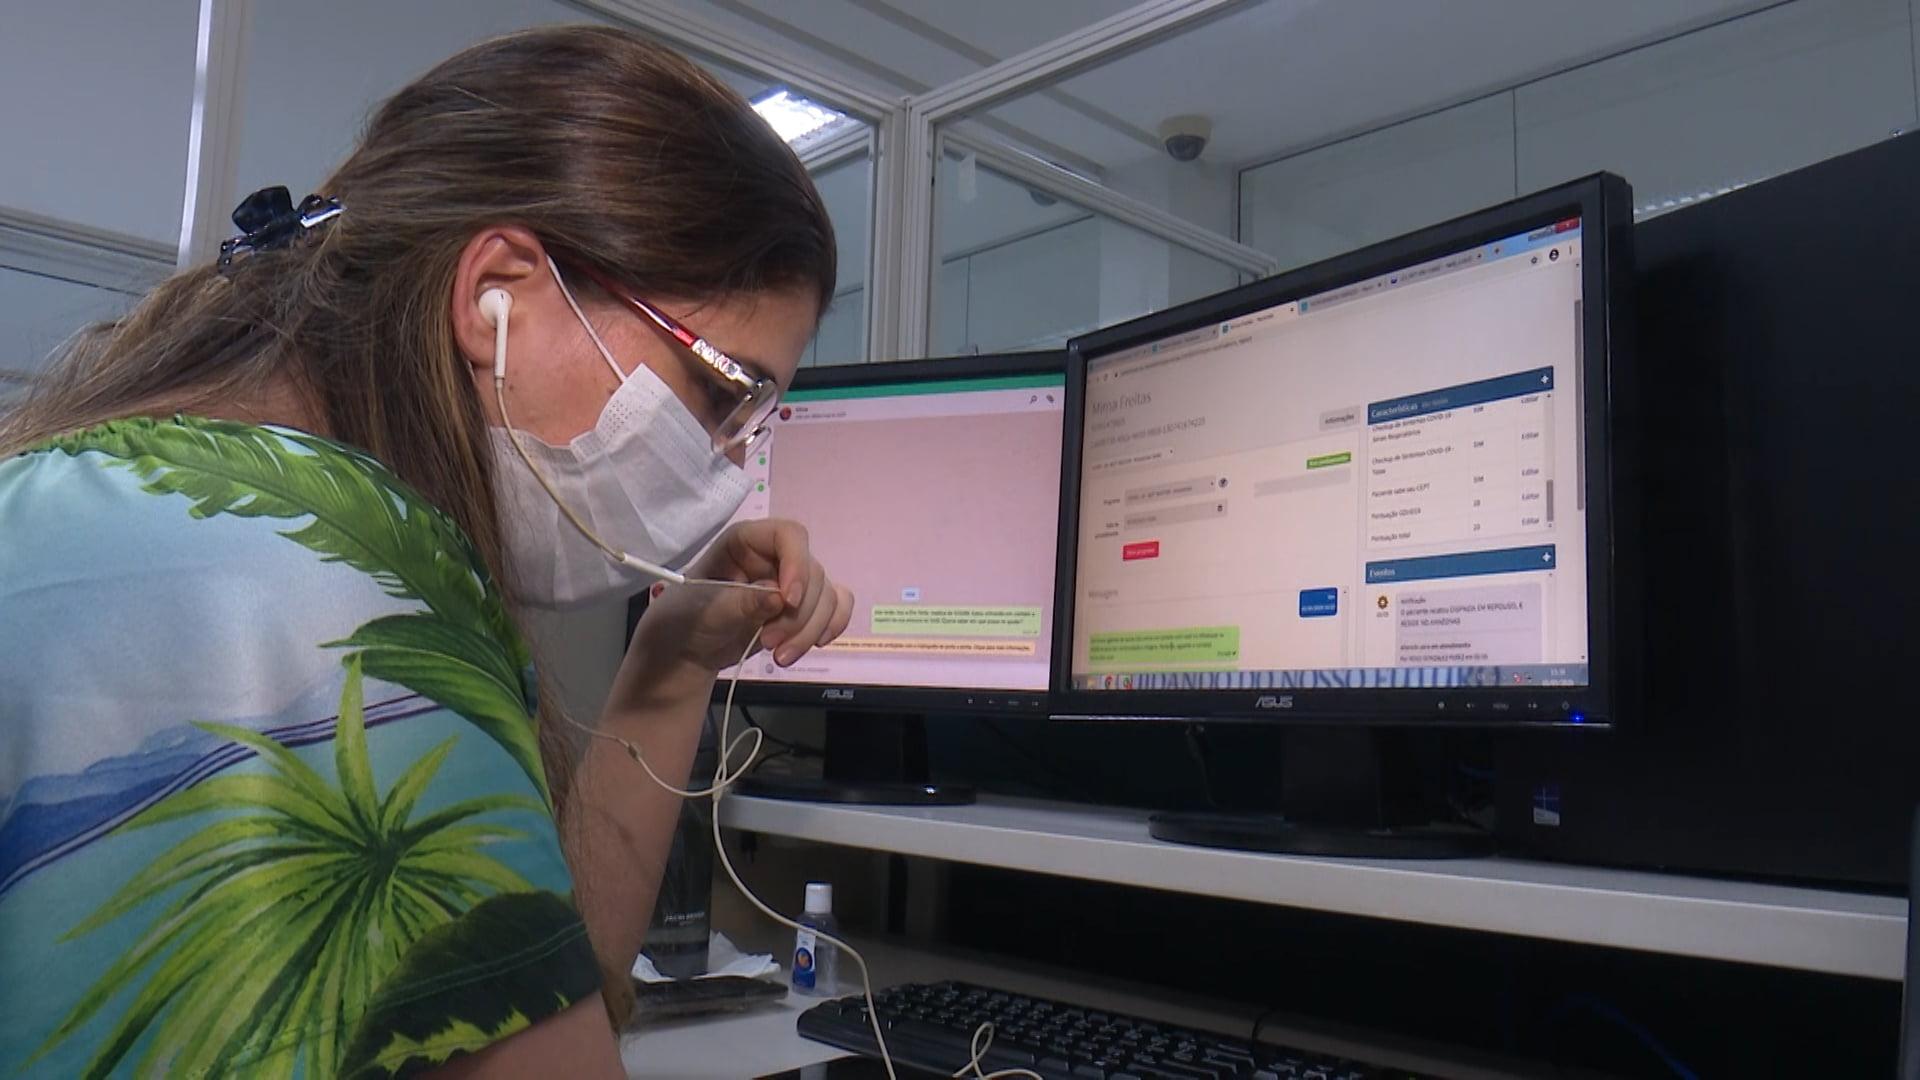 Aplicativo Sasi encerra teleconsultas com retorno dos médicos aos atendimentos presenciais